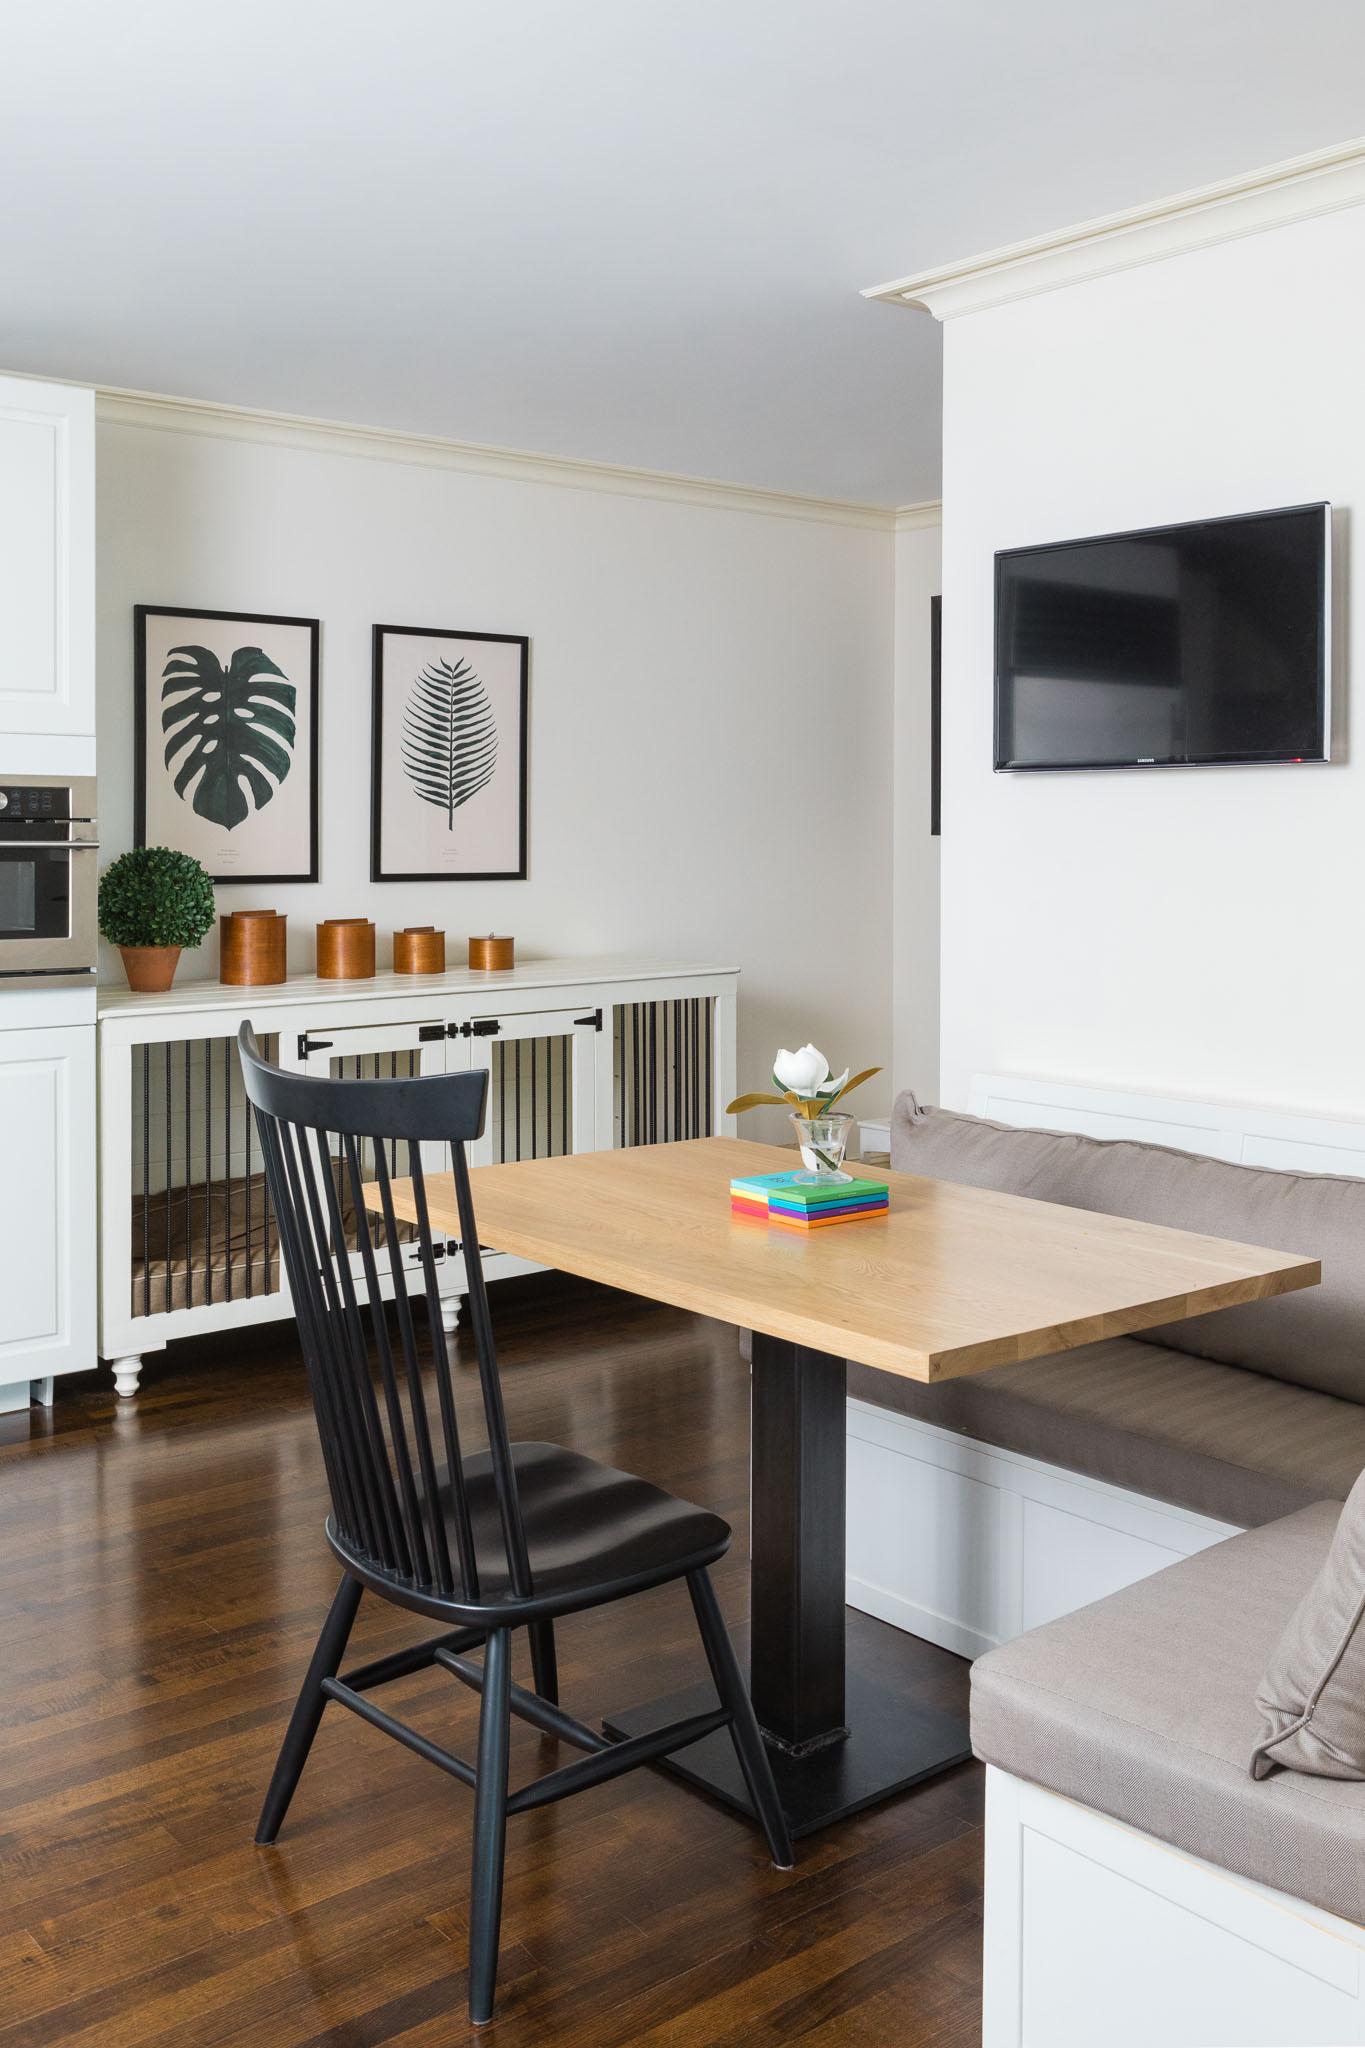 kitchen-nook-banquette-doggie den.jpg